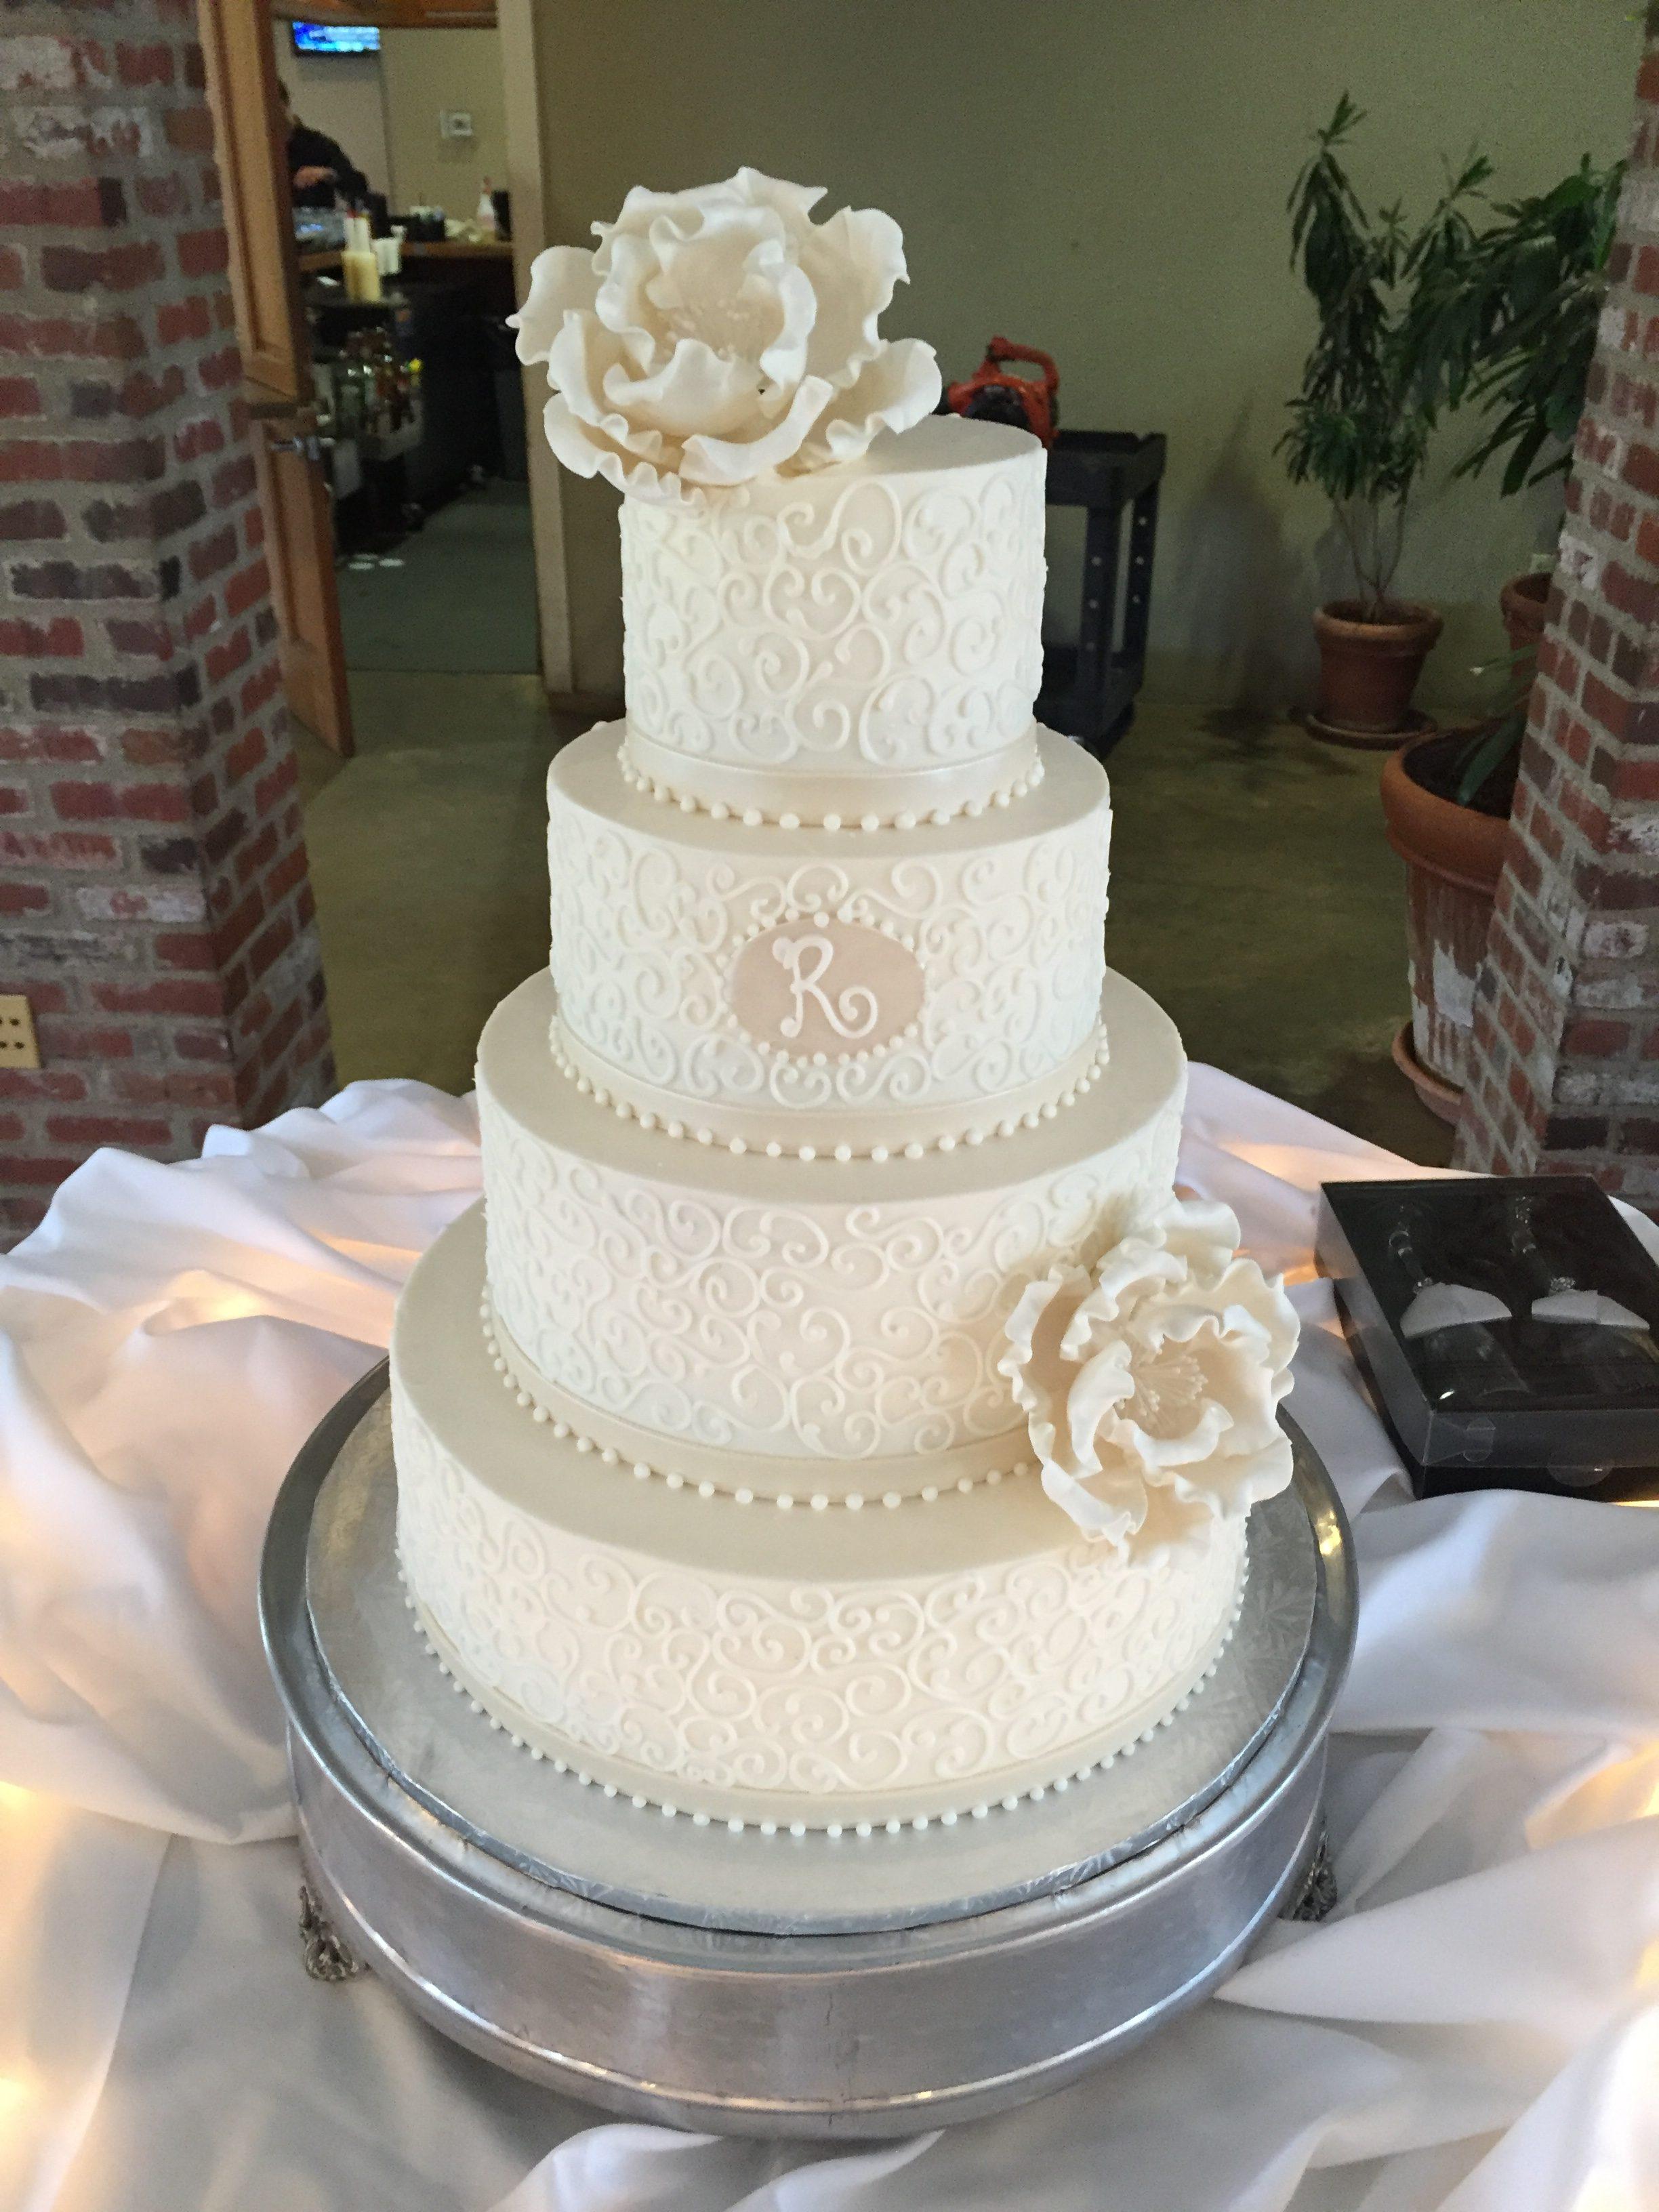 Wedding Cakes – The Cocoa Bean Bakery